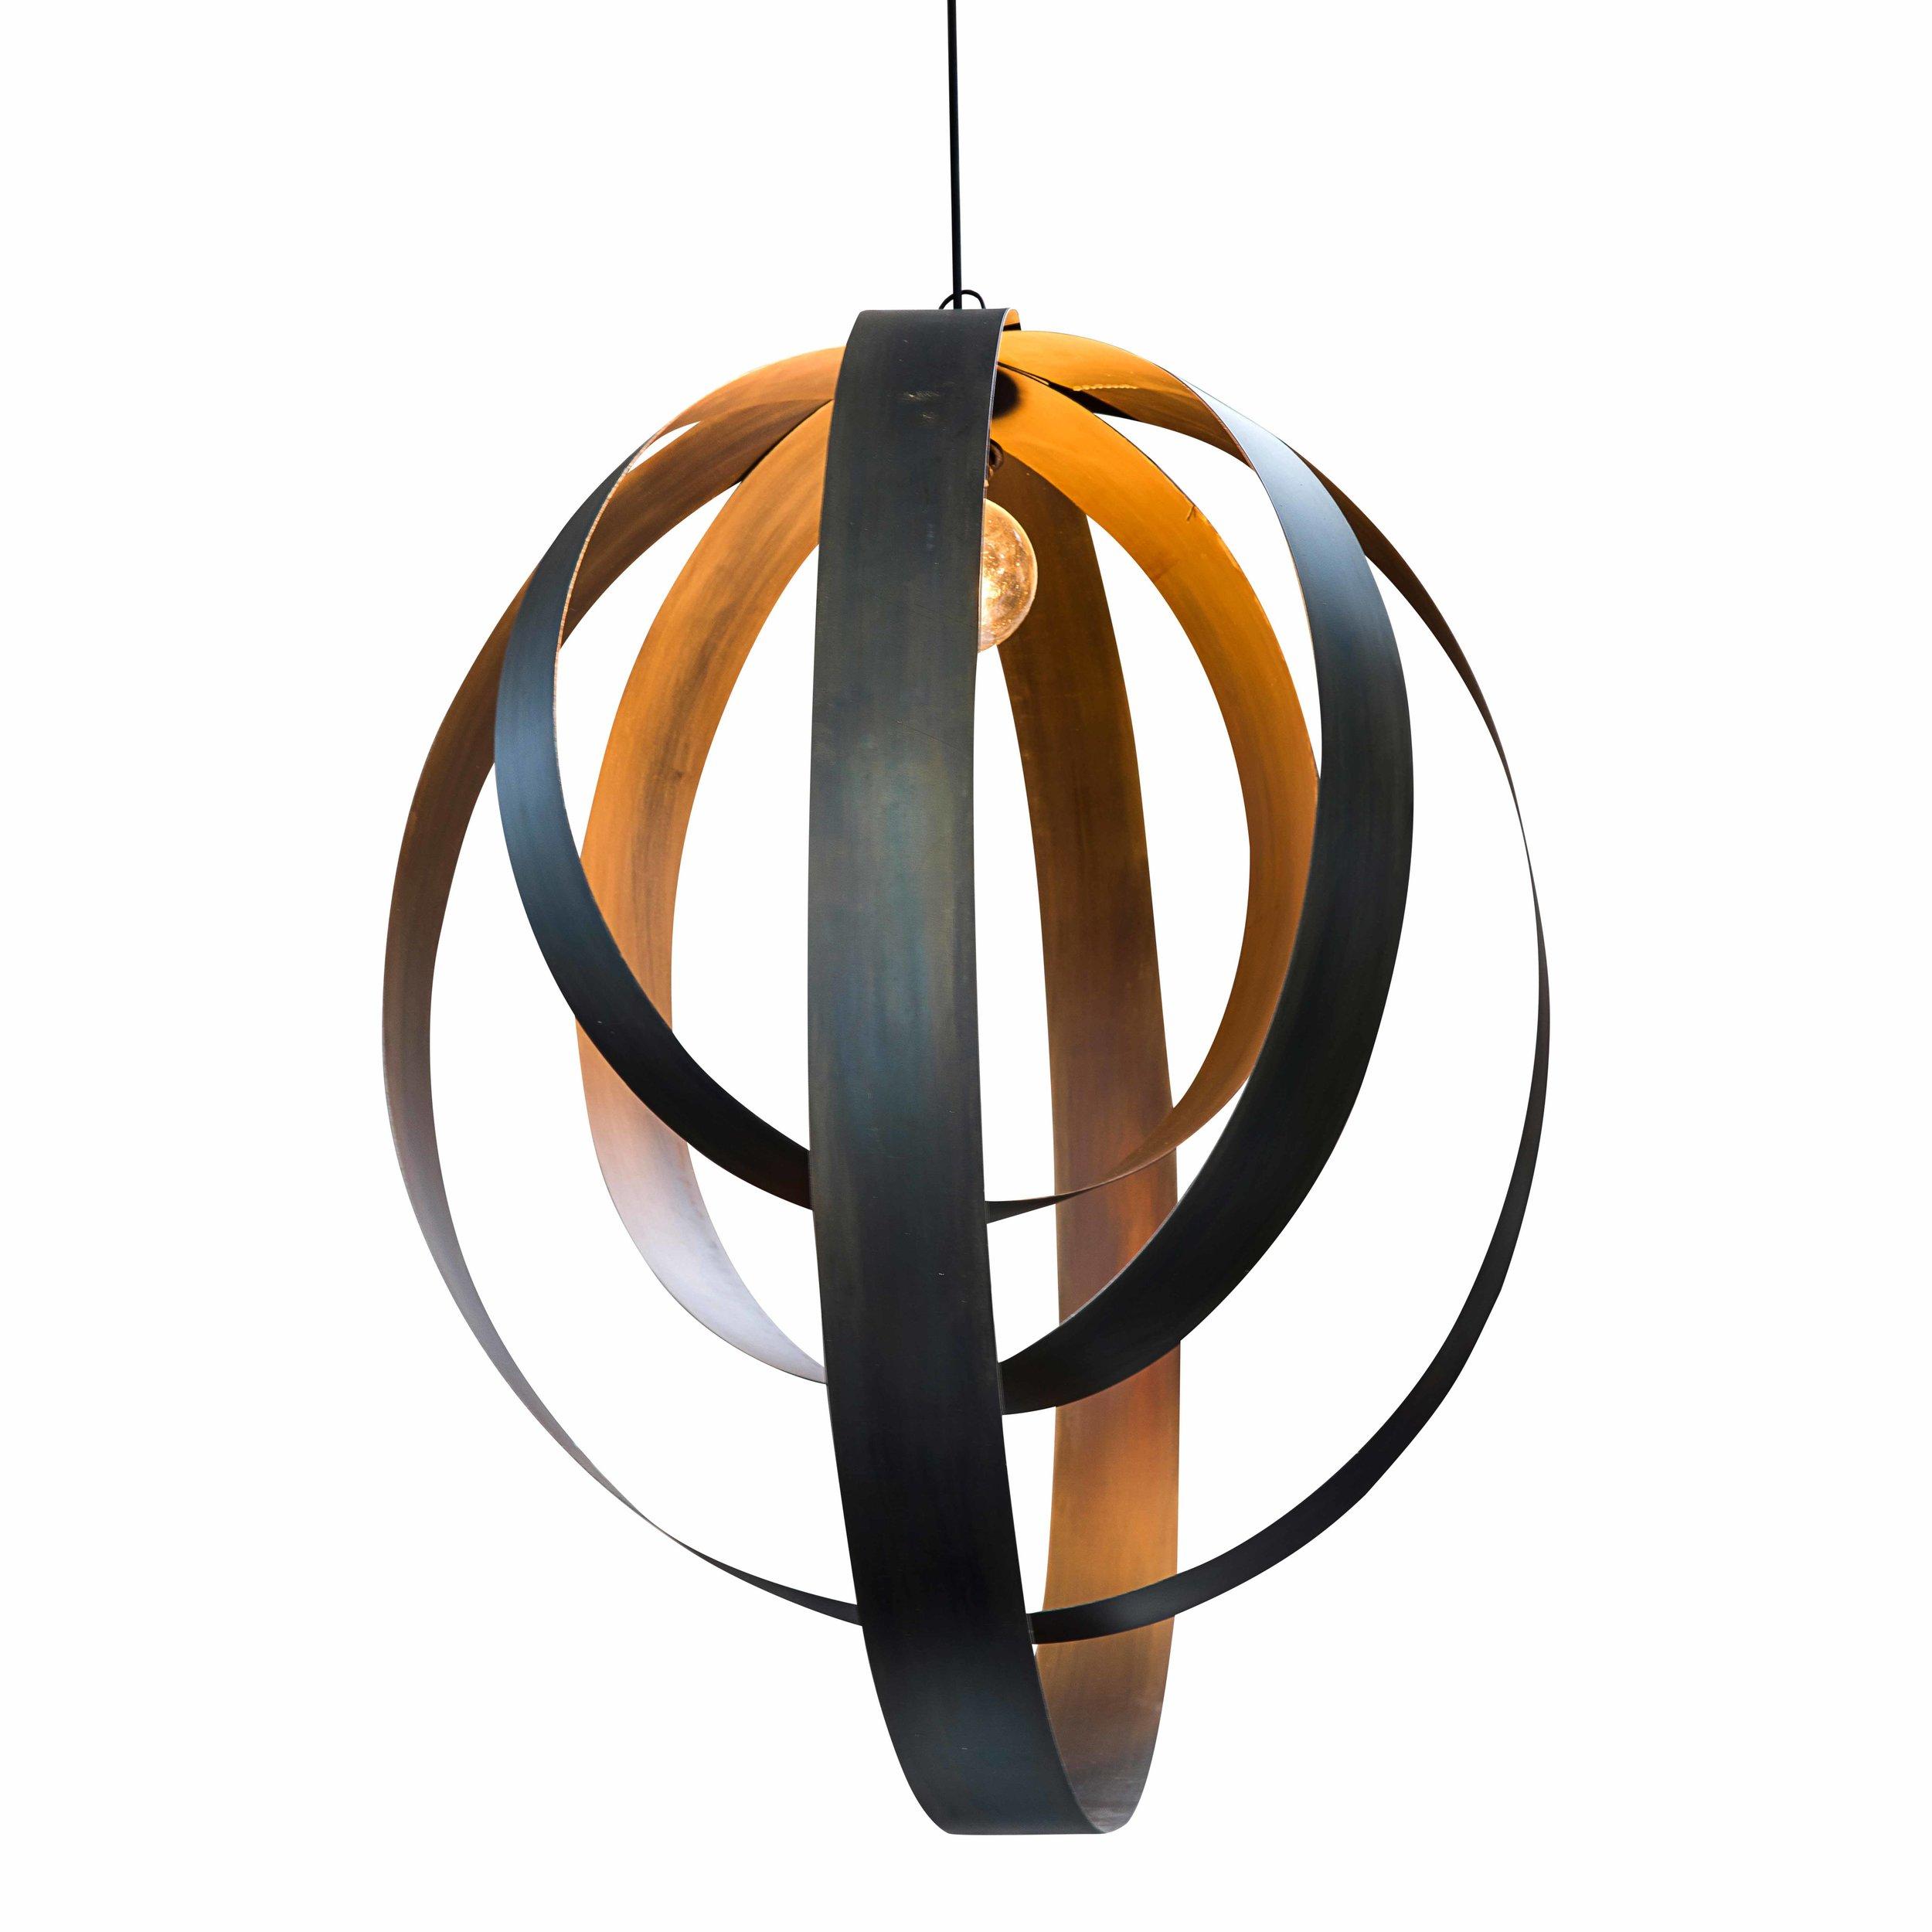 Duran Circulo Plafondlamp